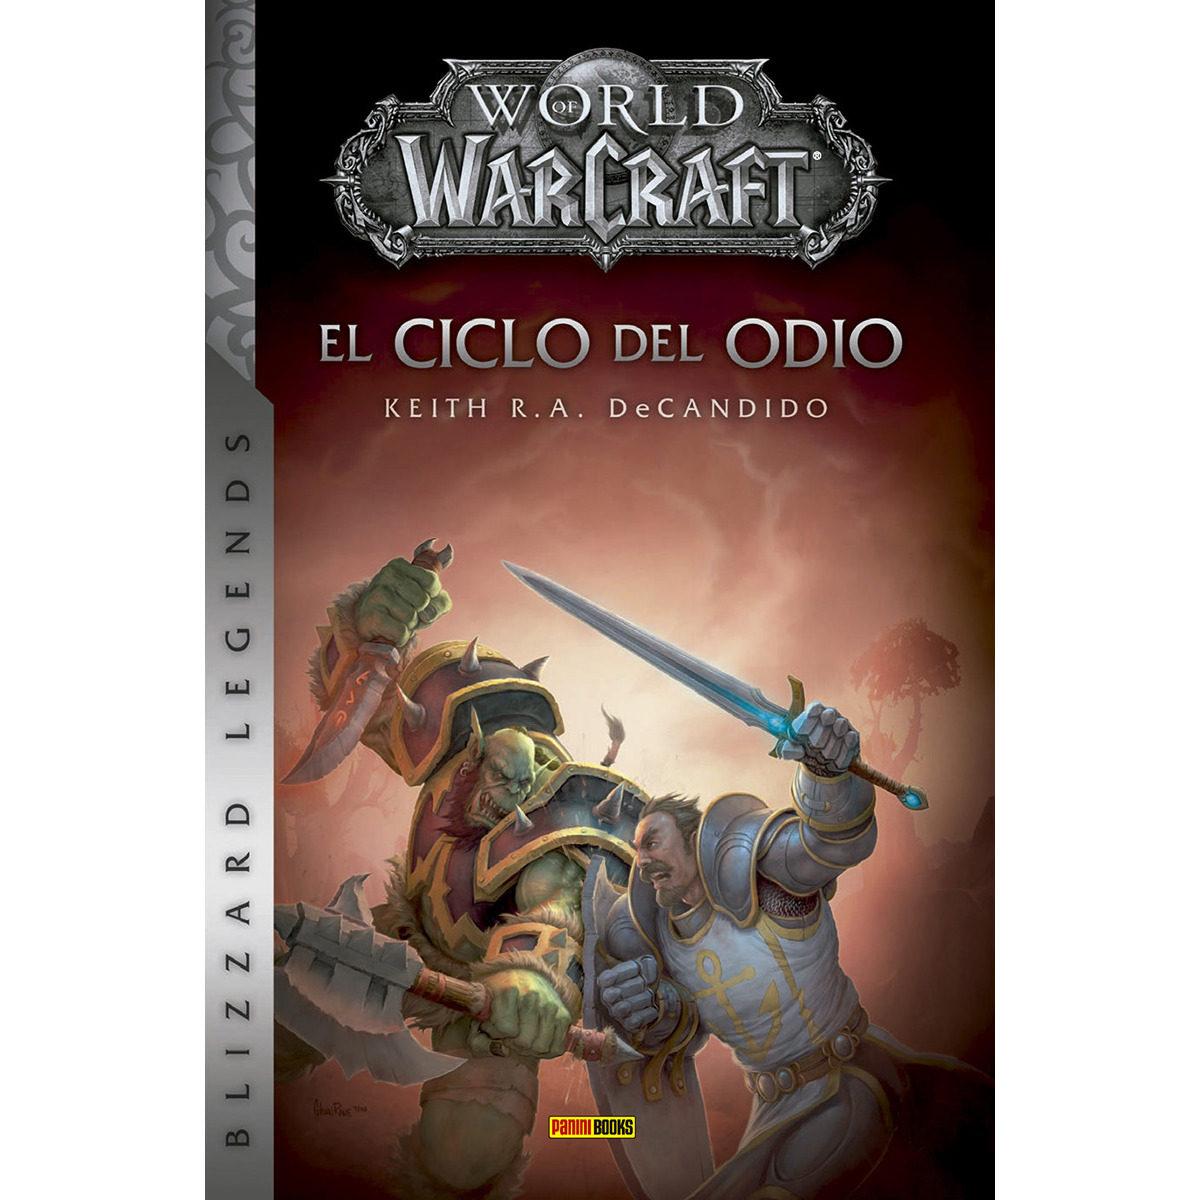 World Of Warcraft El Ciclo Del Odio Vvaa Comprar Libro